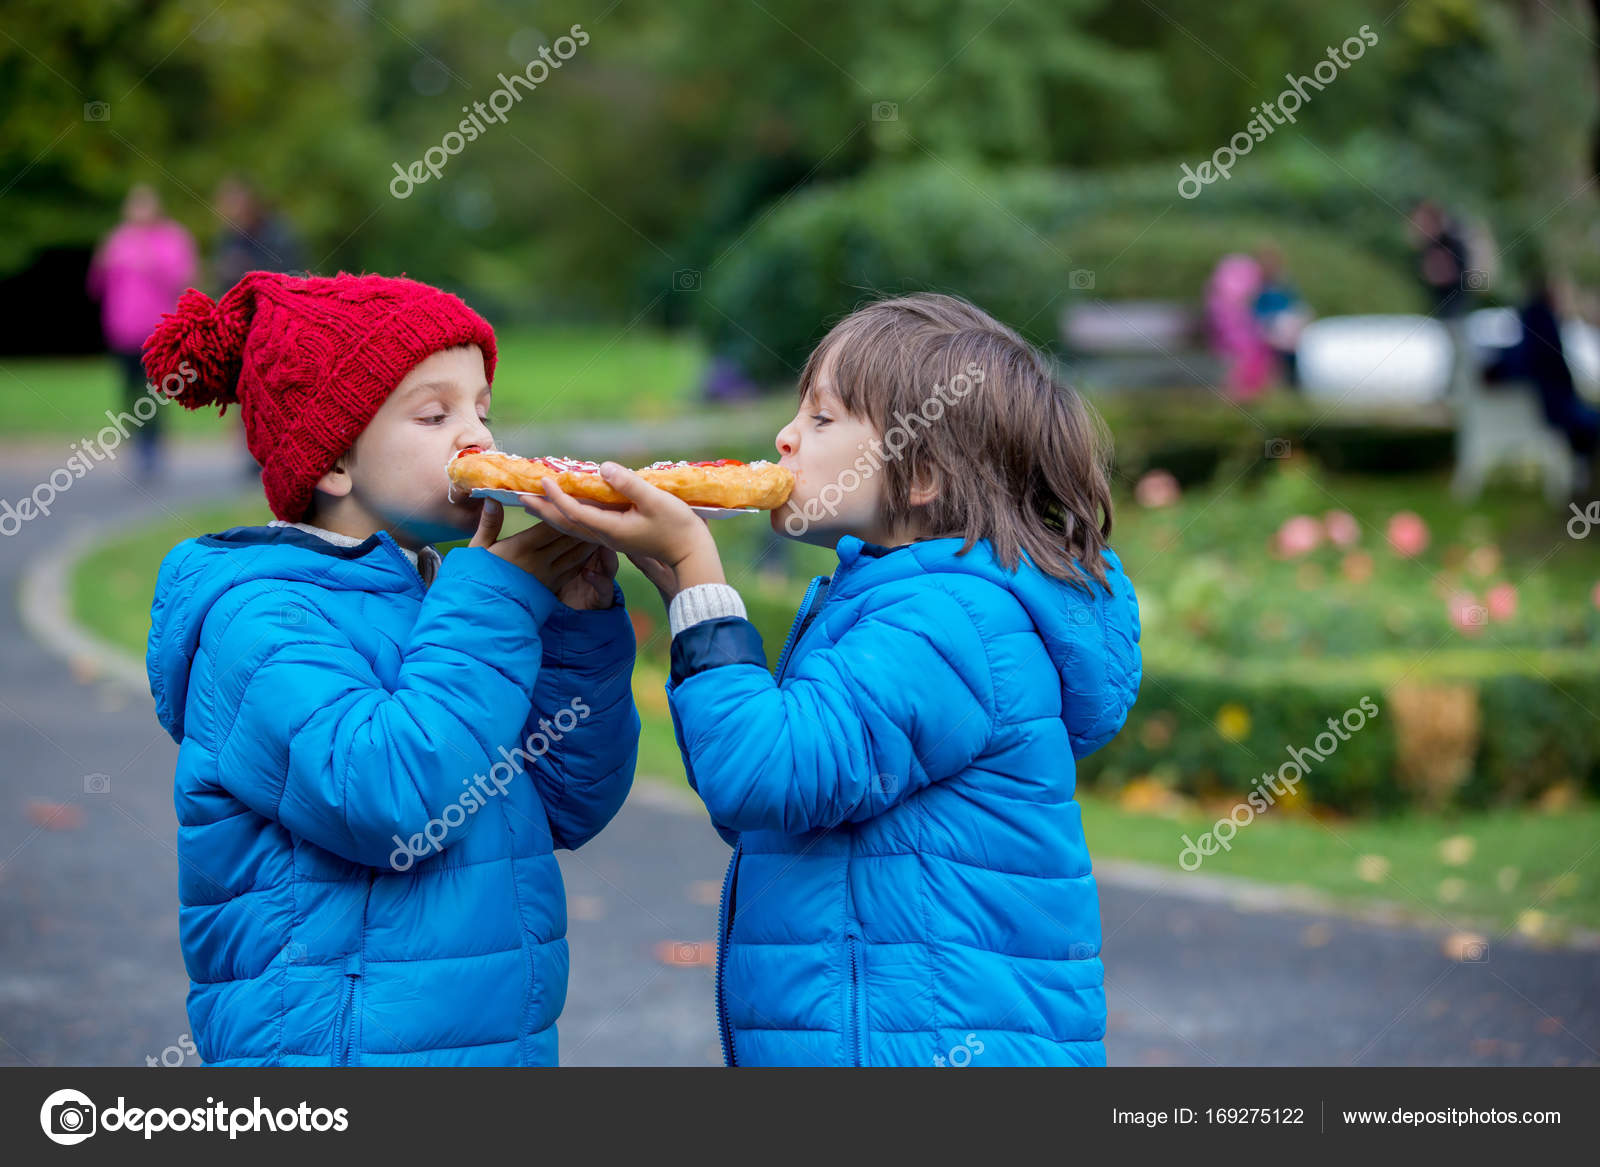 Junge Vorschule Chyoung Kinder im Vorschulalter, junge Brüder, Essen ...